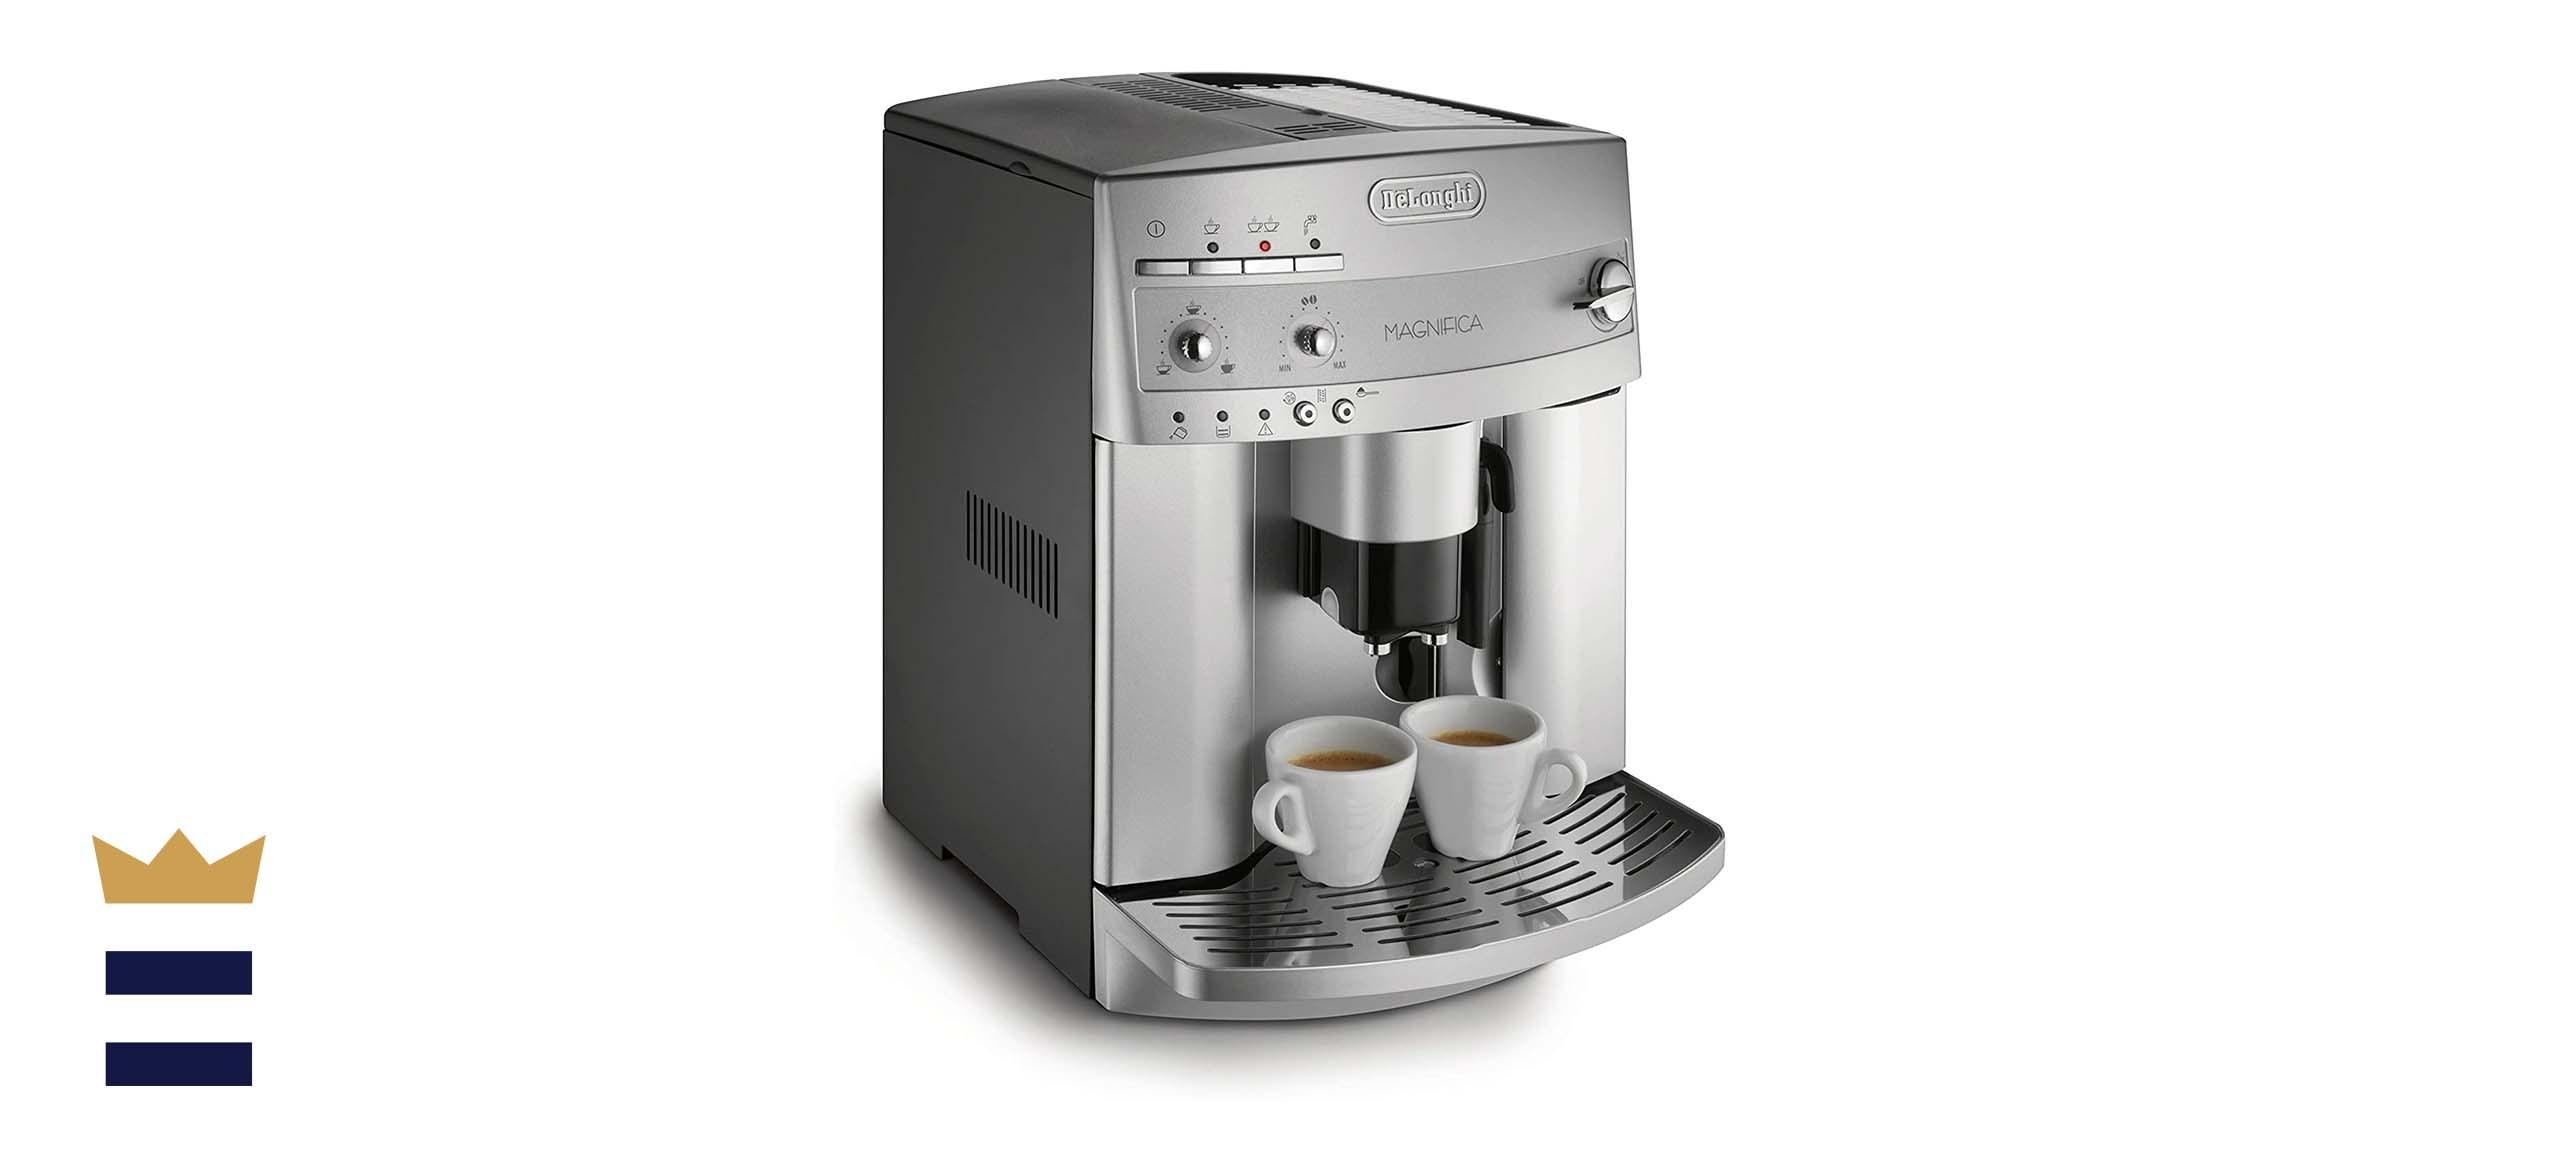 De'Longhi Magnifica Super Automatic Espresso & Coffee Machine